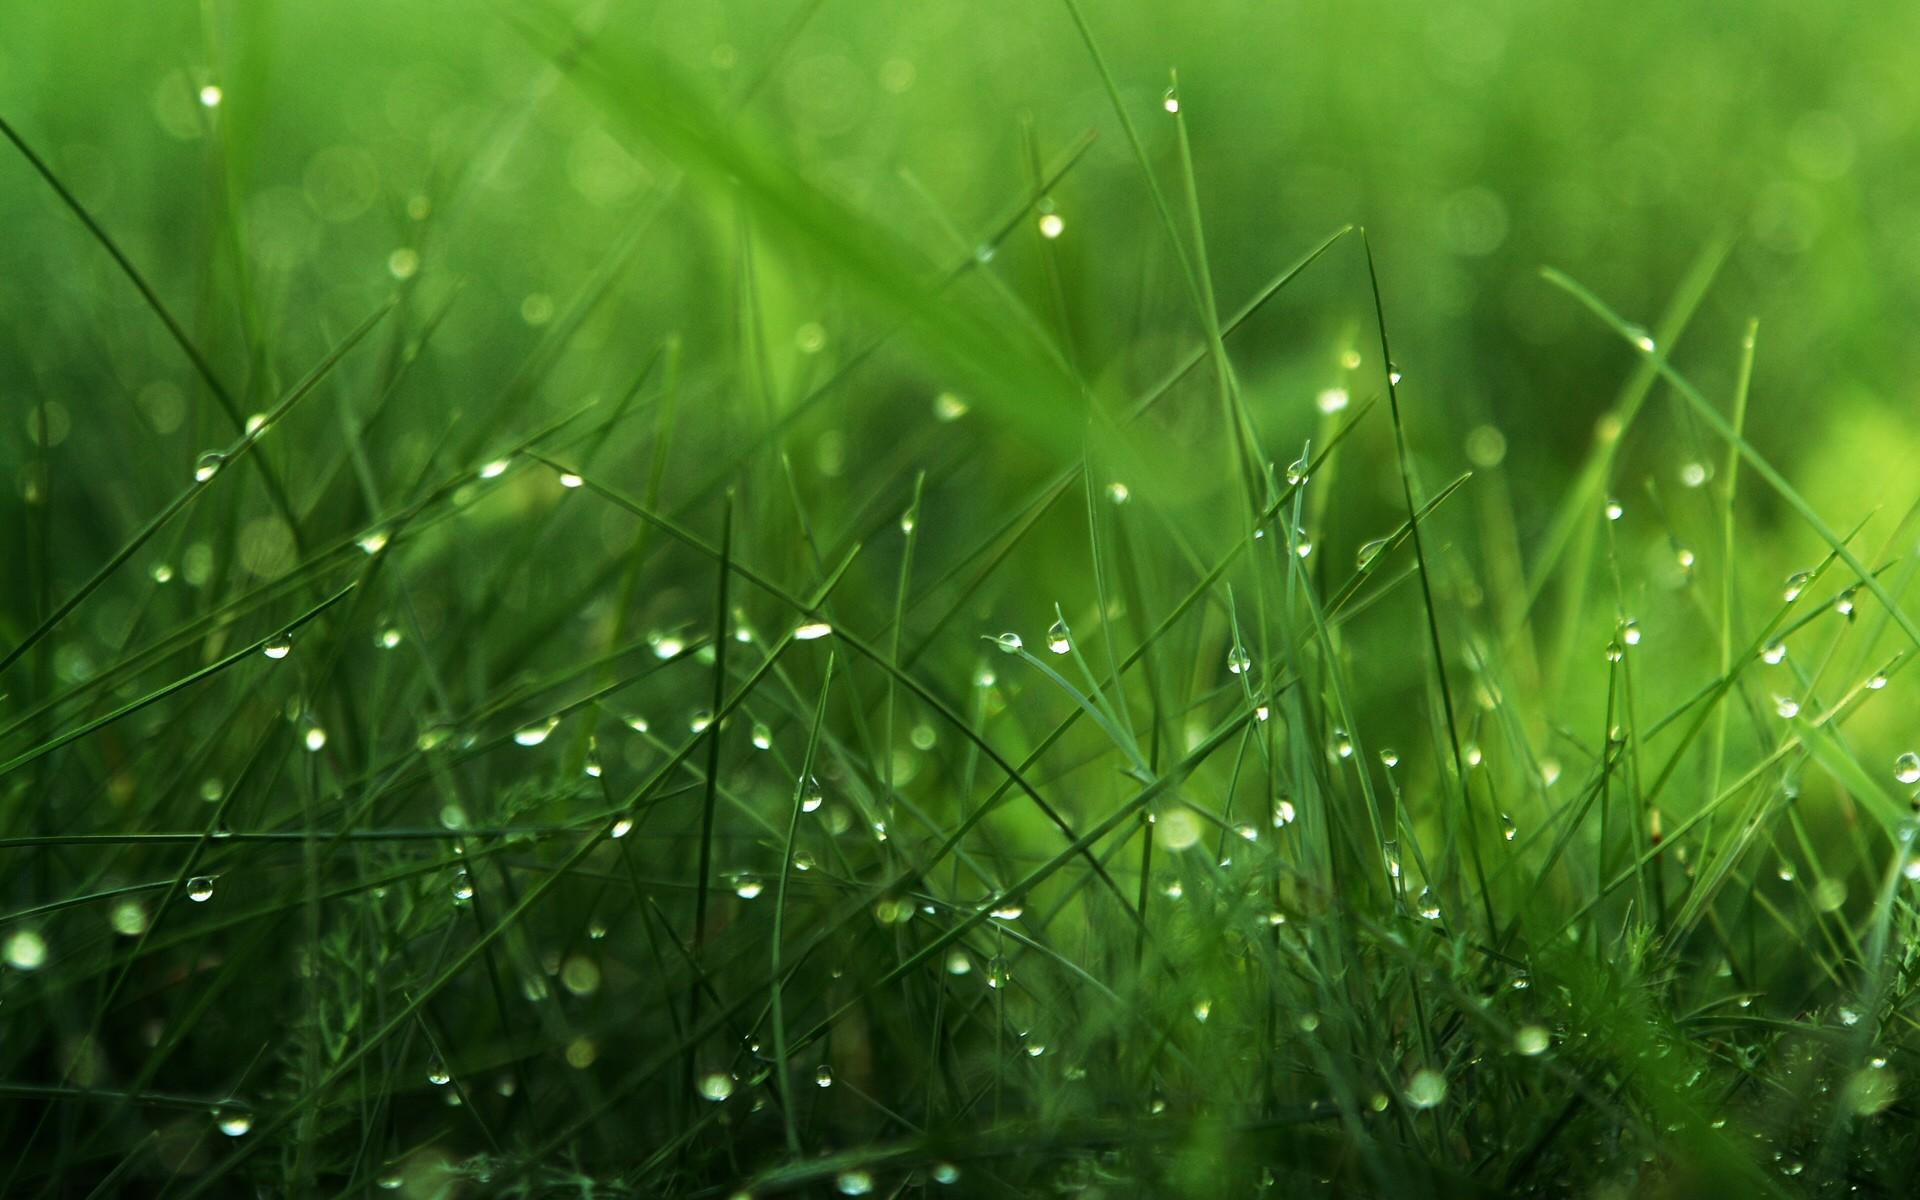 grass background. grass background 18855